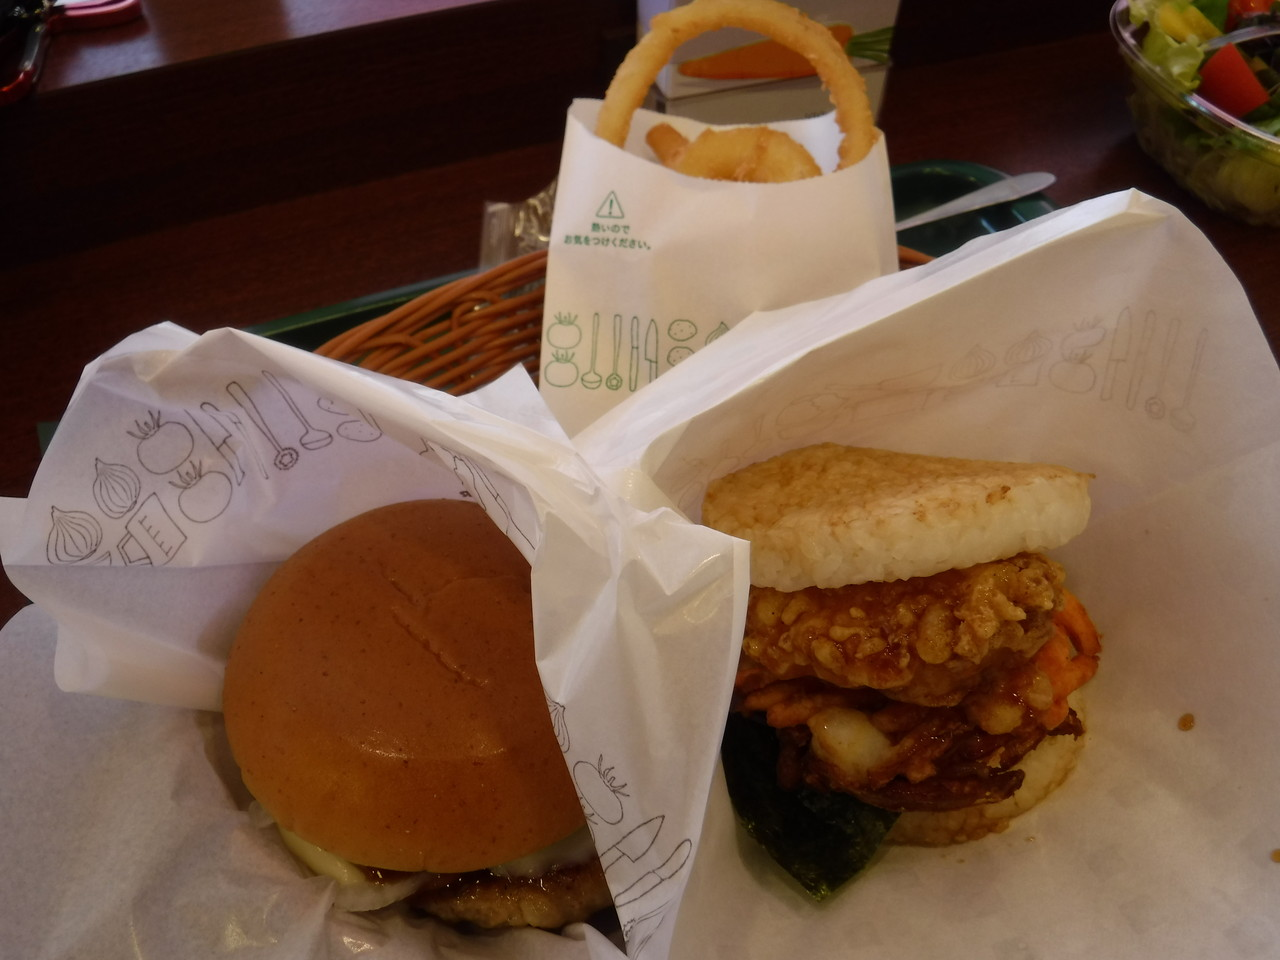 東久留米 - モスバーガー 東久留米駅店 「とびきりハンバーグサンド<チーズ>、モスライスバーガー よくばり天 海老とかきあげ、こだわり野菜のサラダL、オニポテ など」